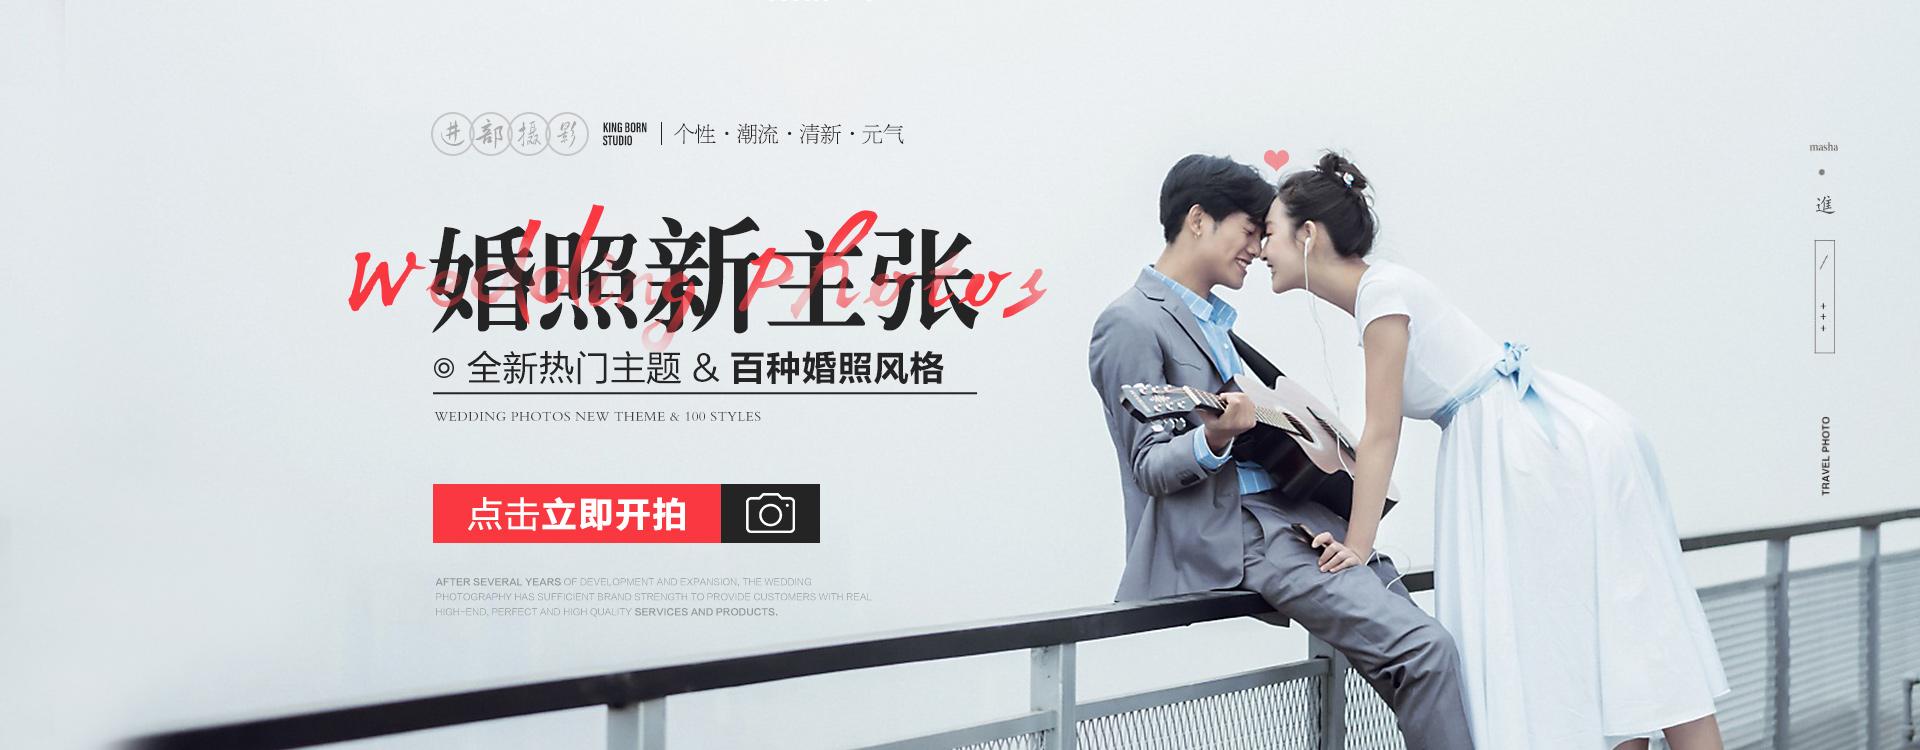 个性betway必威手机版中文版新主张套系